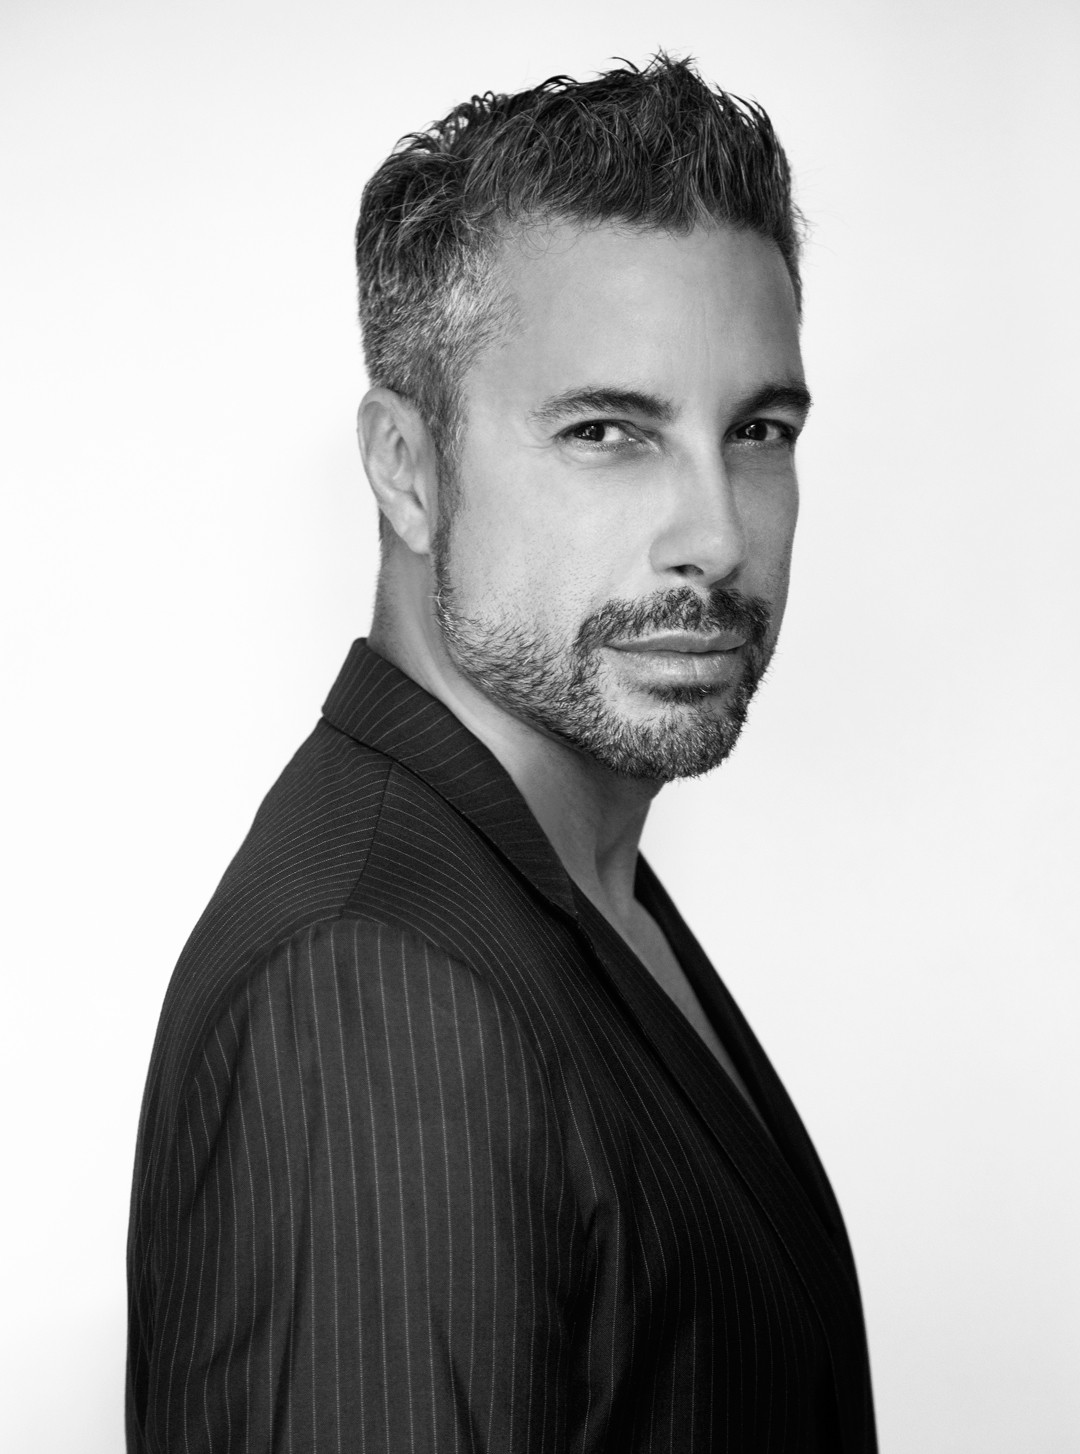 Fernando Torquatto, o maquiador das celebridades - e o cara certo para tirarmos algumas dúvidas sobre maquiagem e produtos de beleza para homens (Foto: Divulgação)